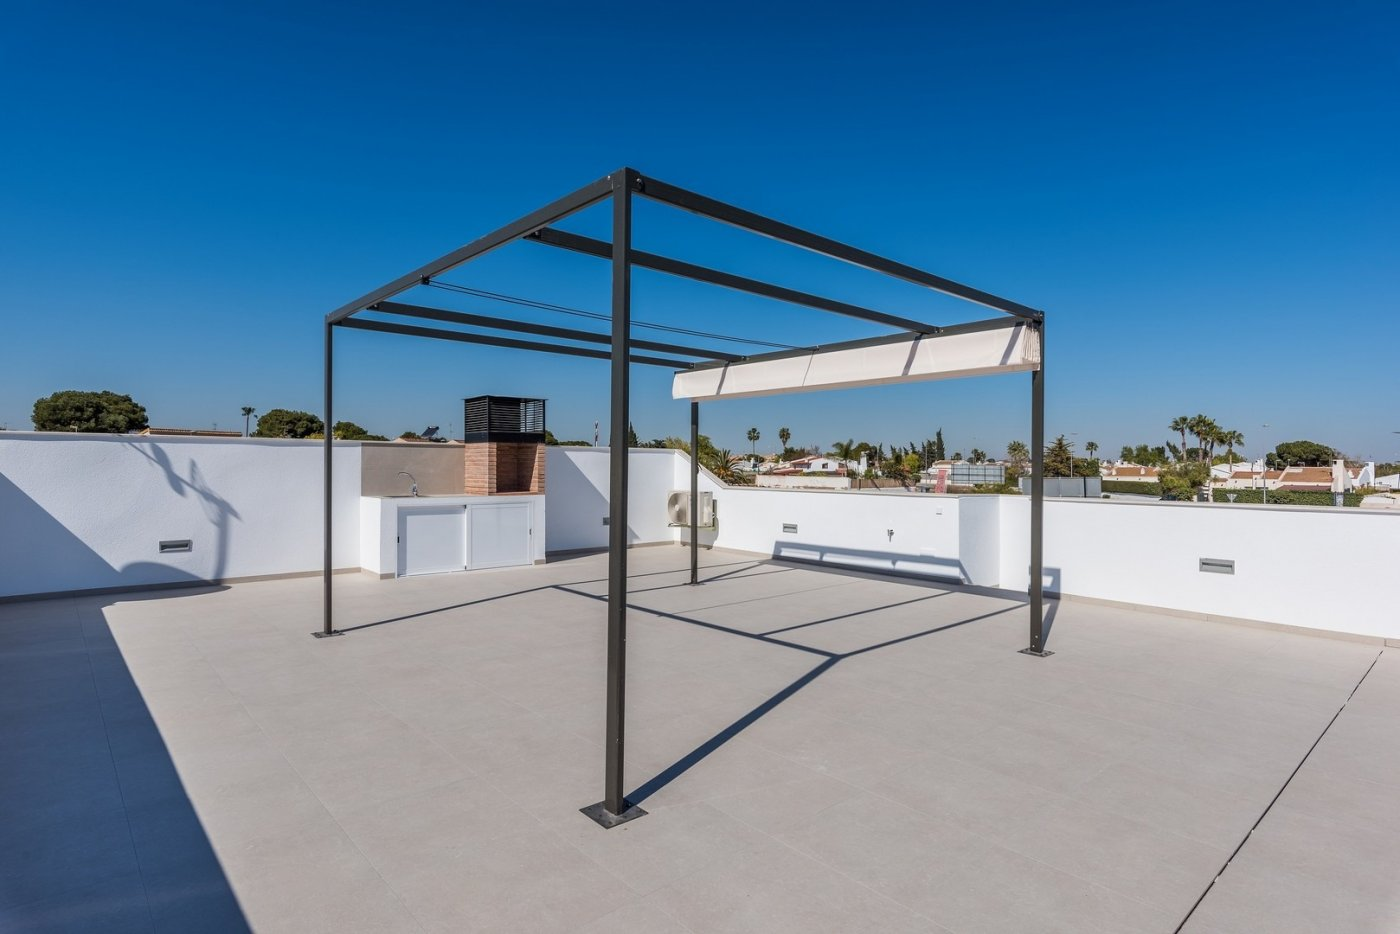 Villas nuevas con piscina privada y solarium a 700m de la playa !!! - imagenInmueble2